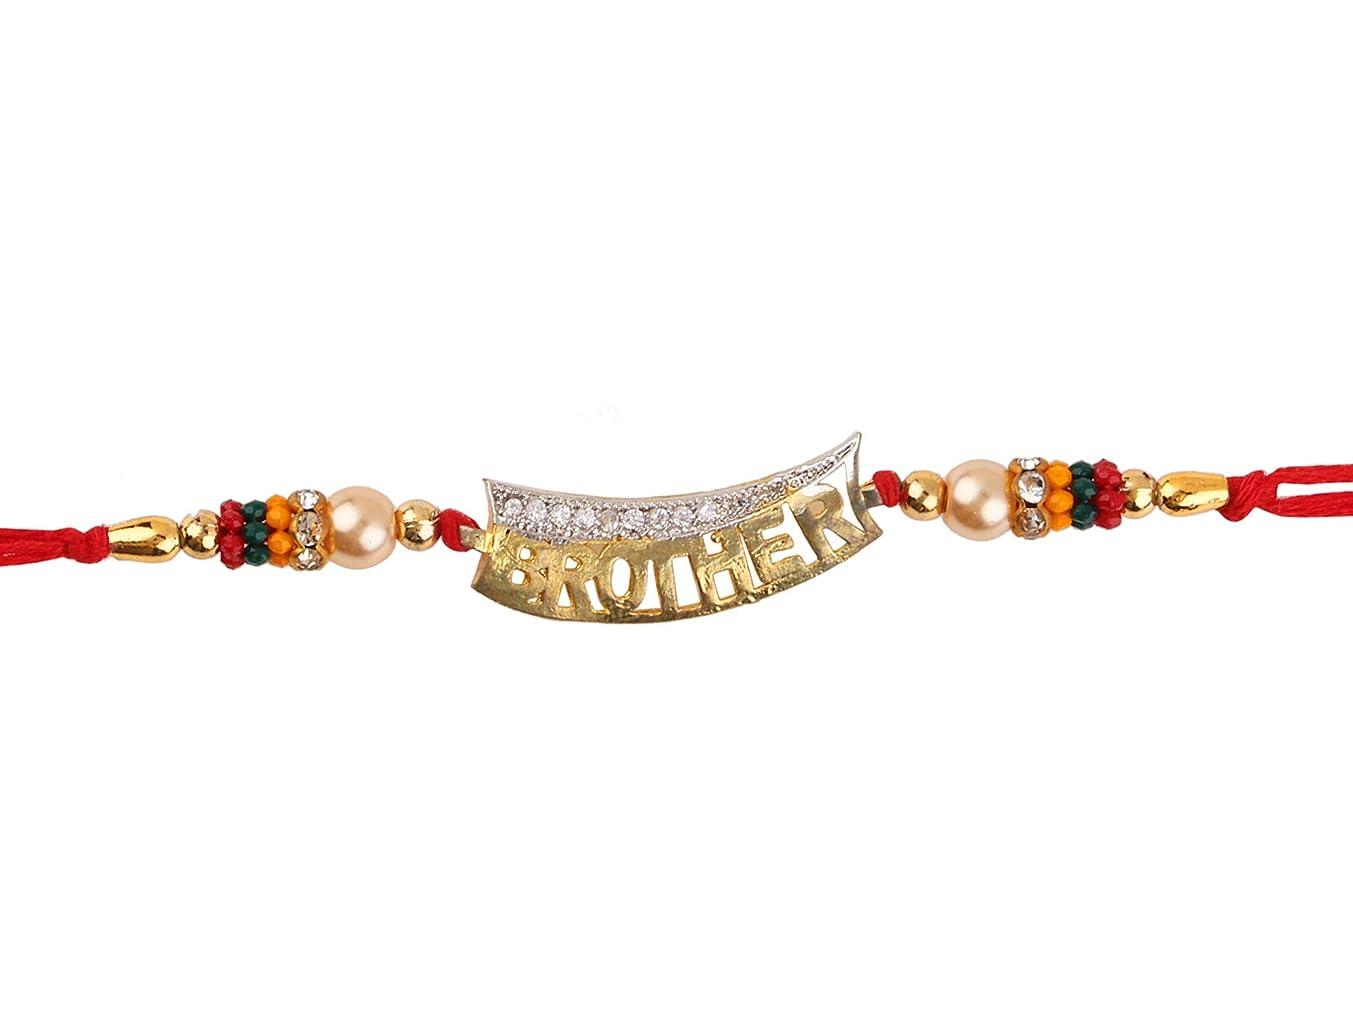 Raksha Bhandan Handmade Rakhi for Brother Design Rakhi Thread Bracelet for Bhaiya Celebration